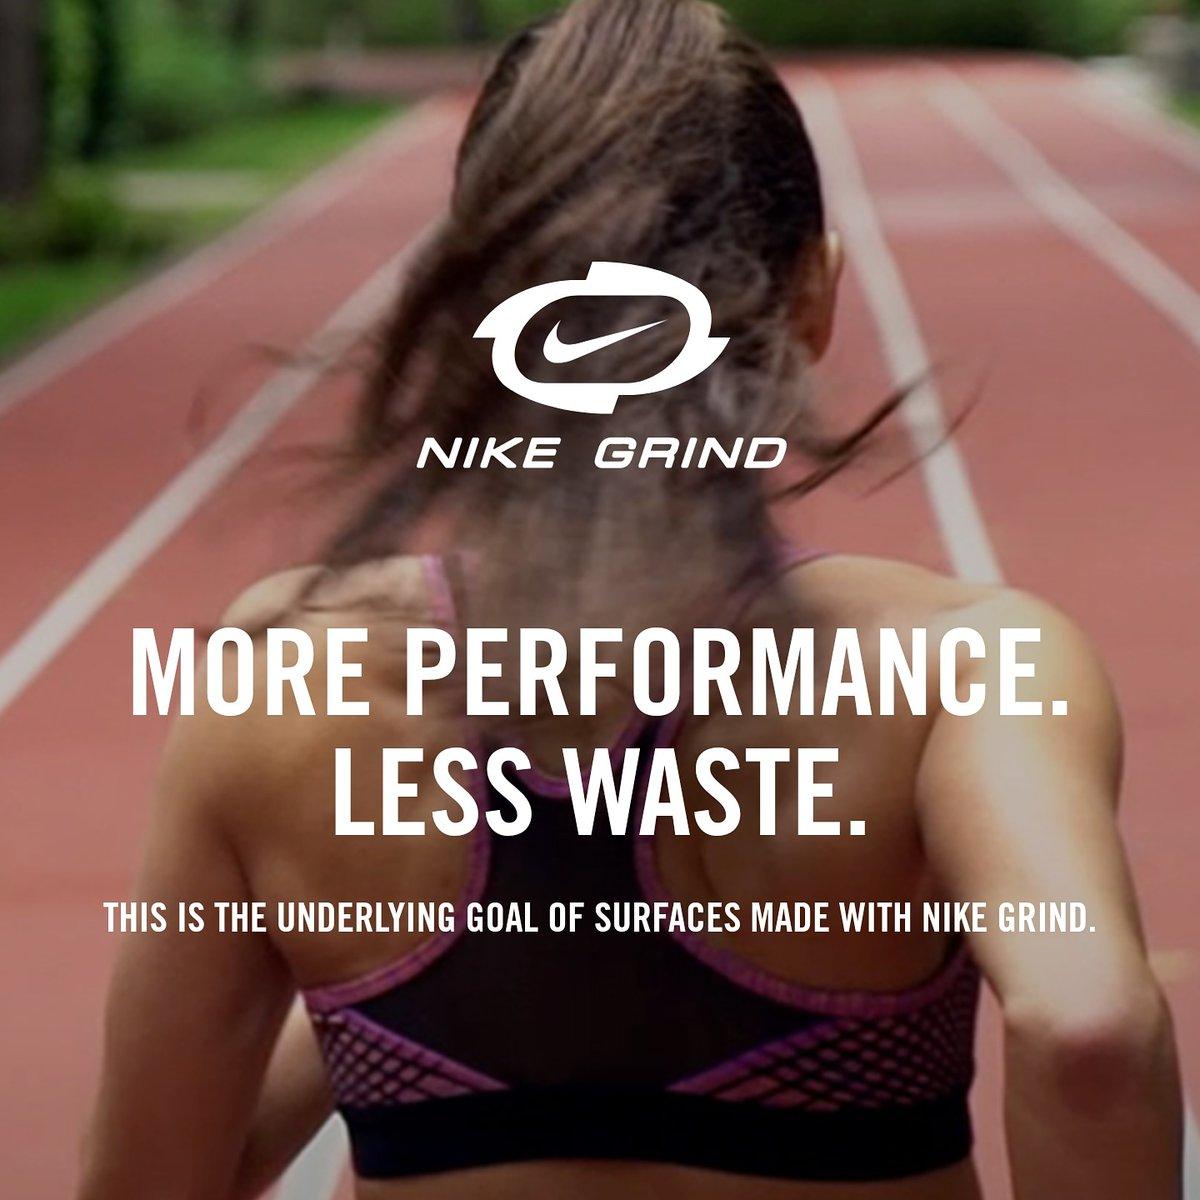 Nike Grind Graphic.jpg